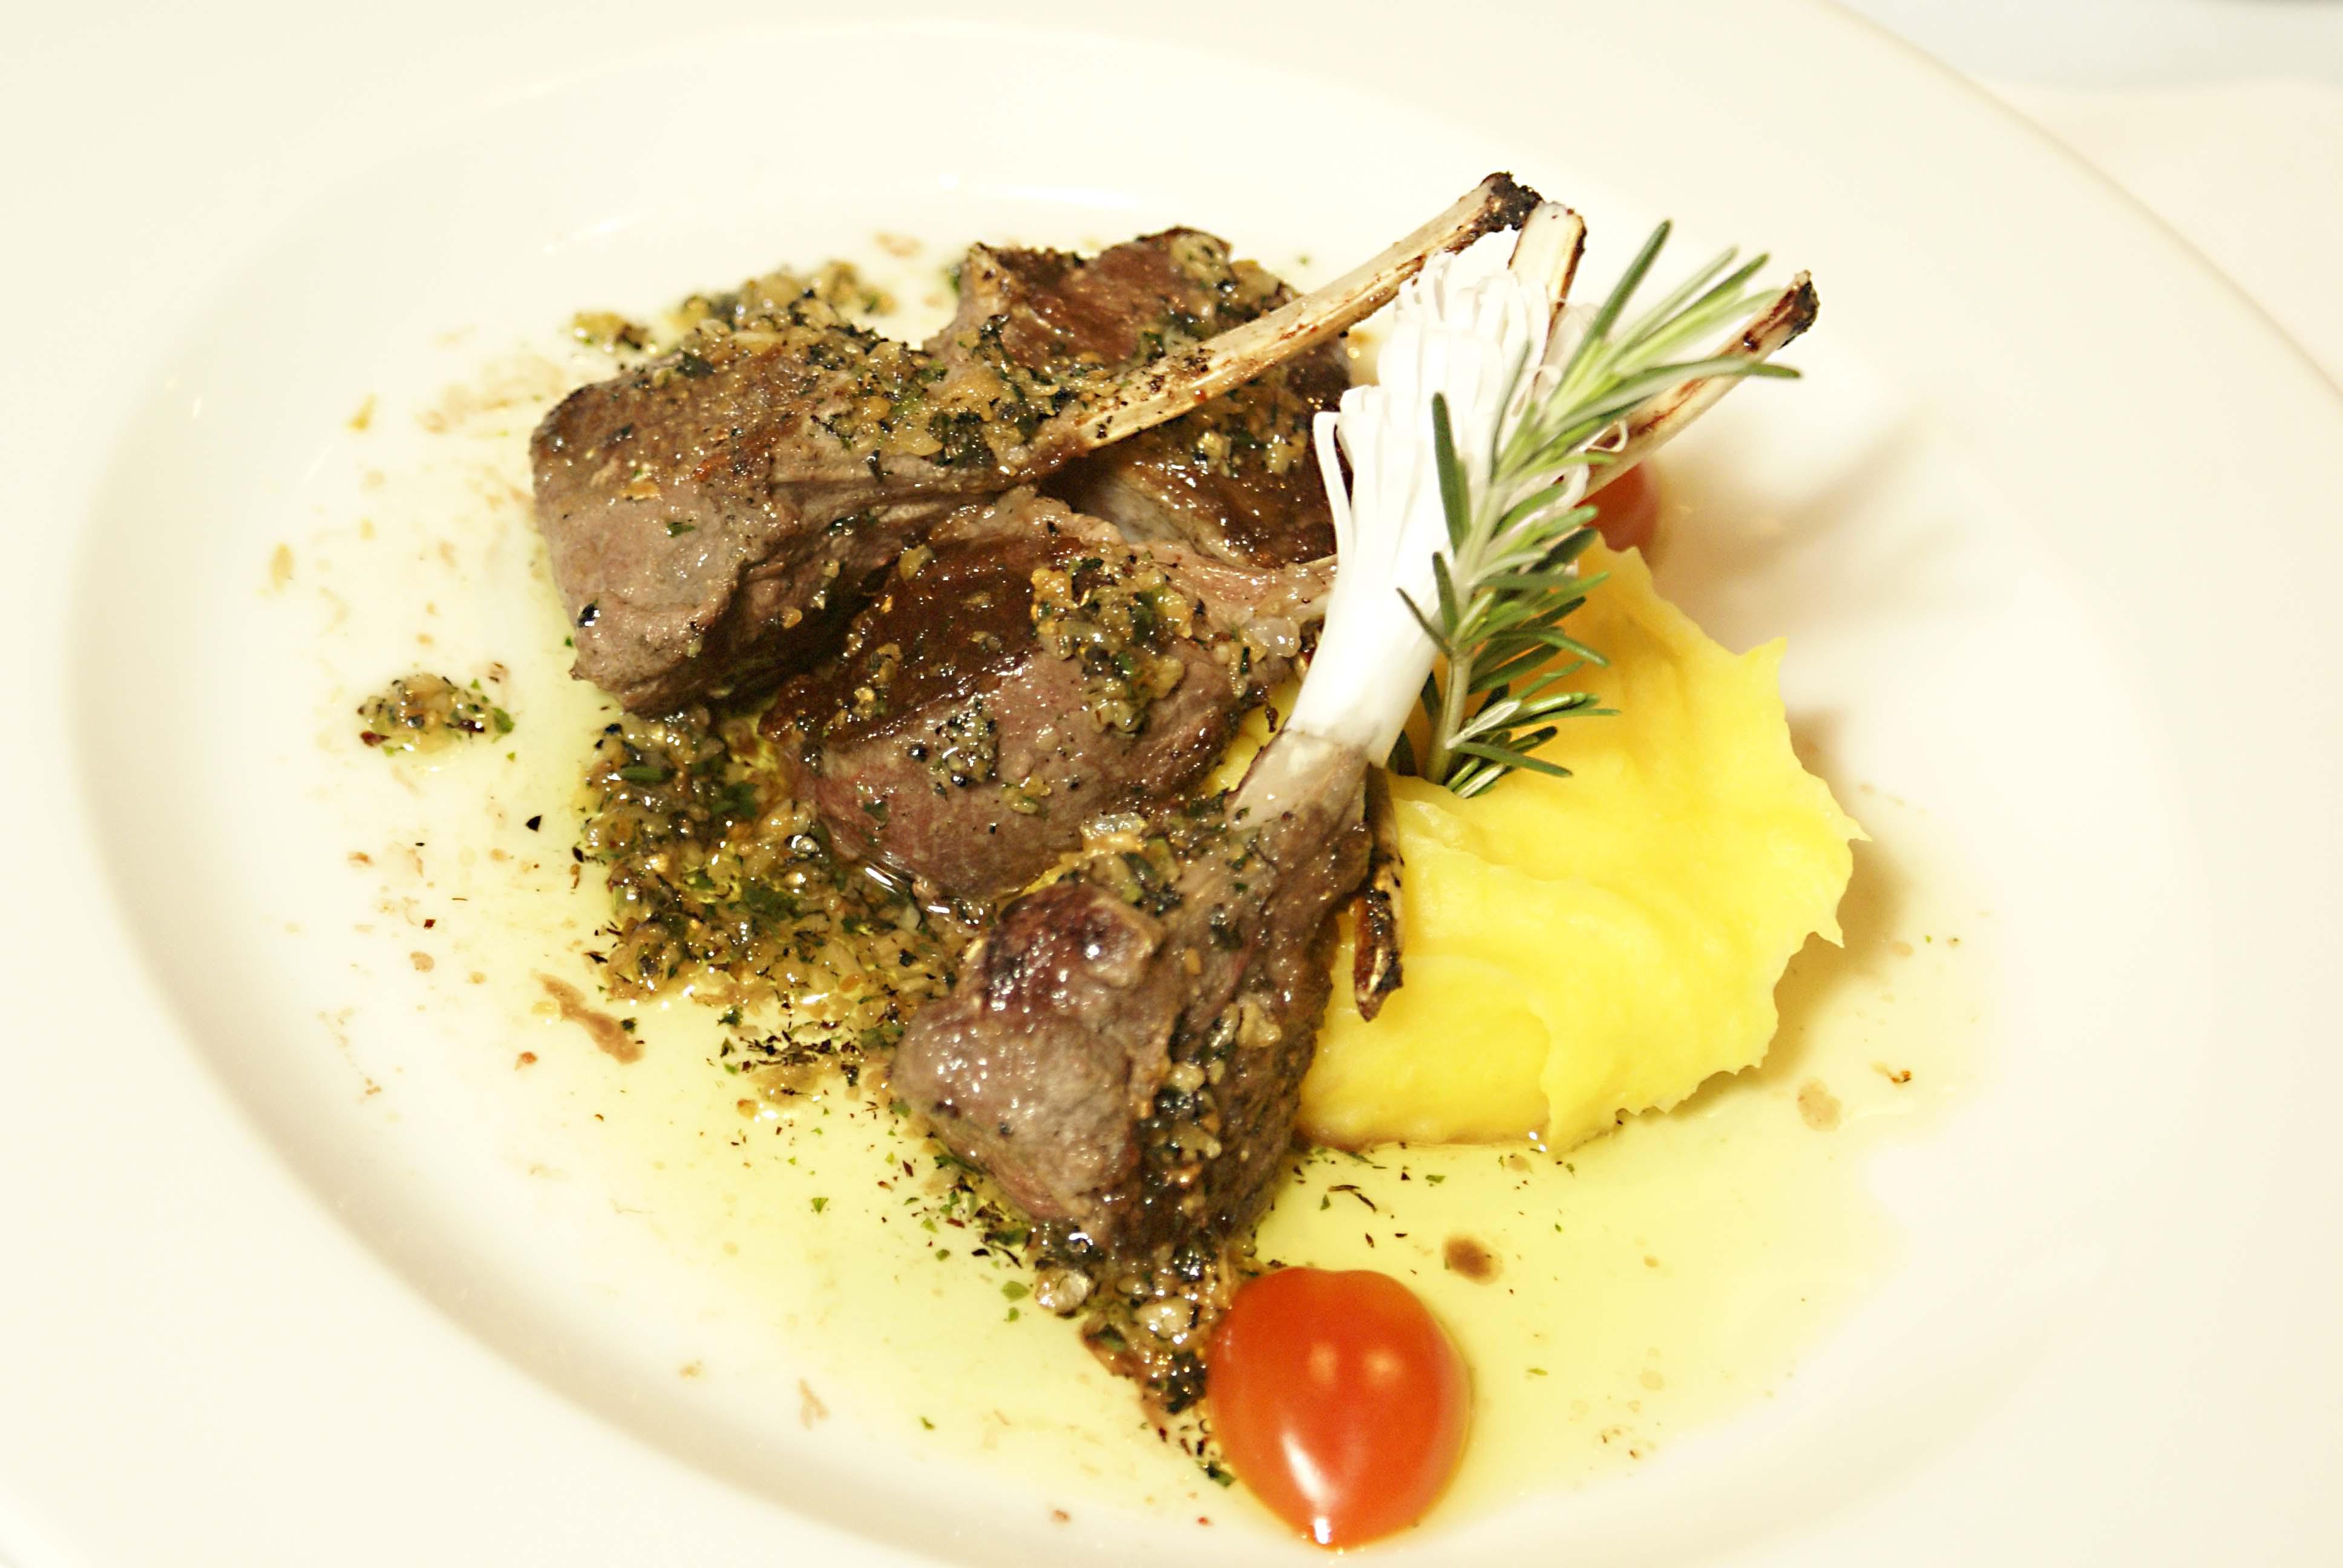 Alta gastronomia 02 06 2010 3 17 pm publicado em gastronomia